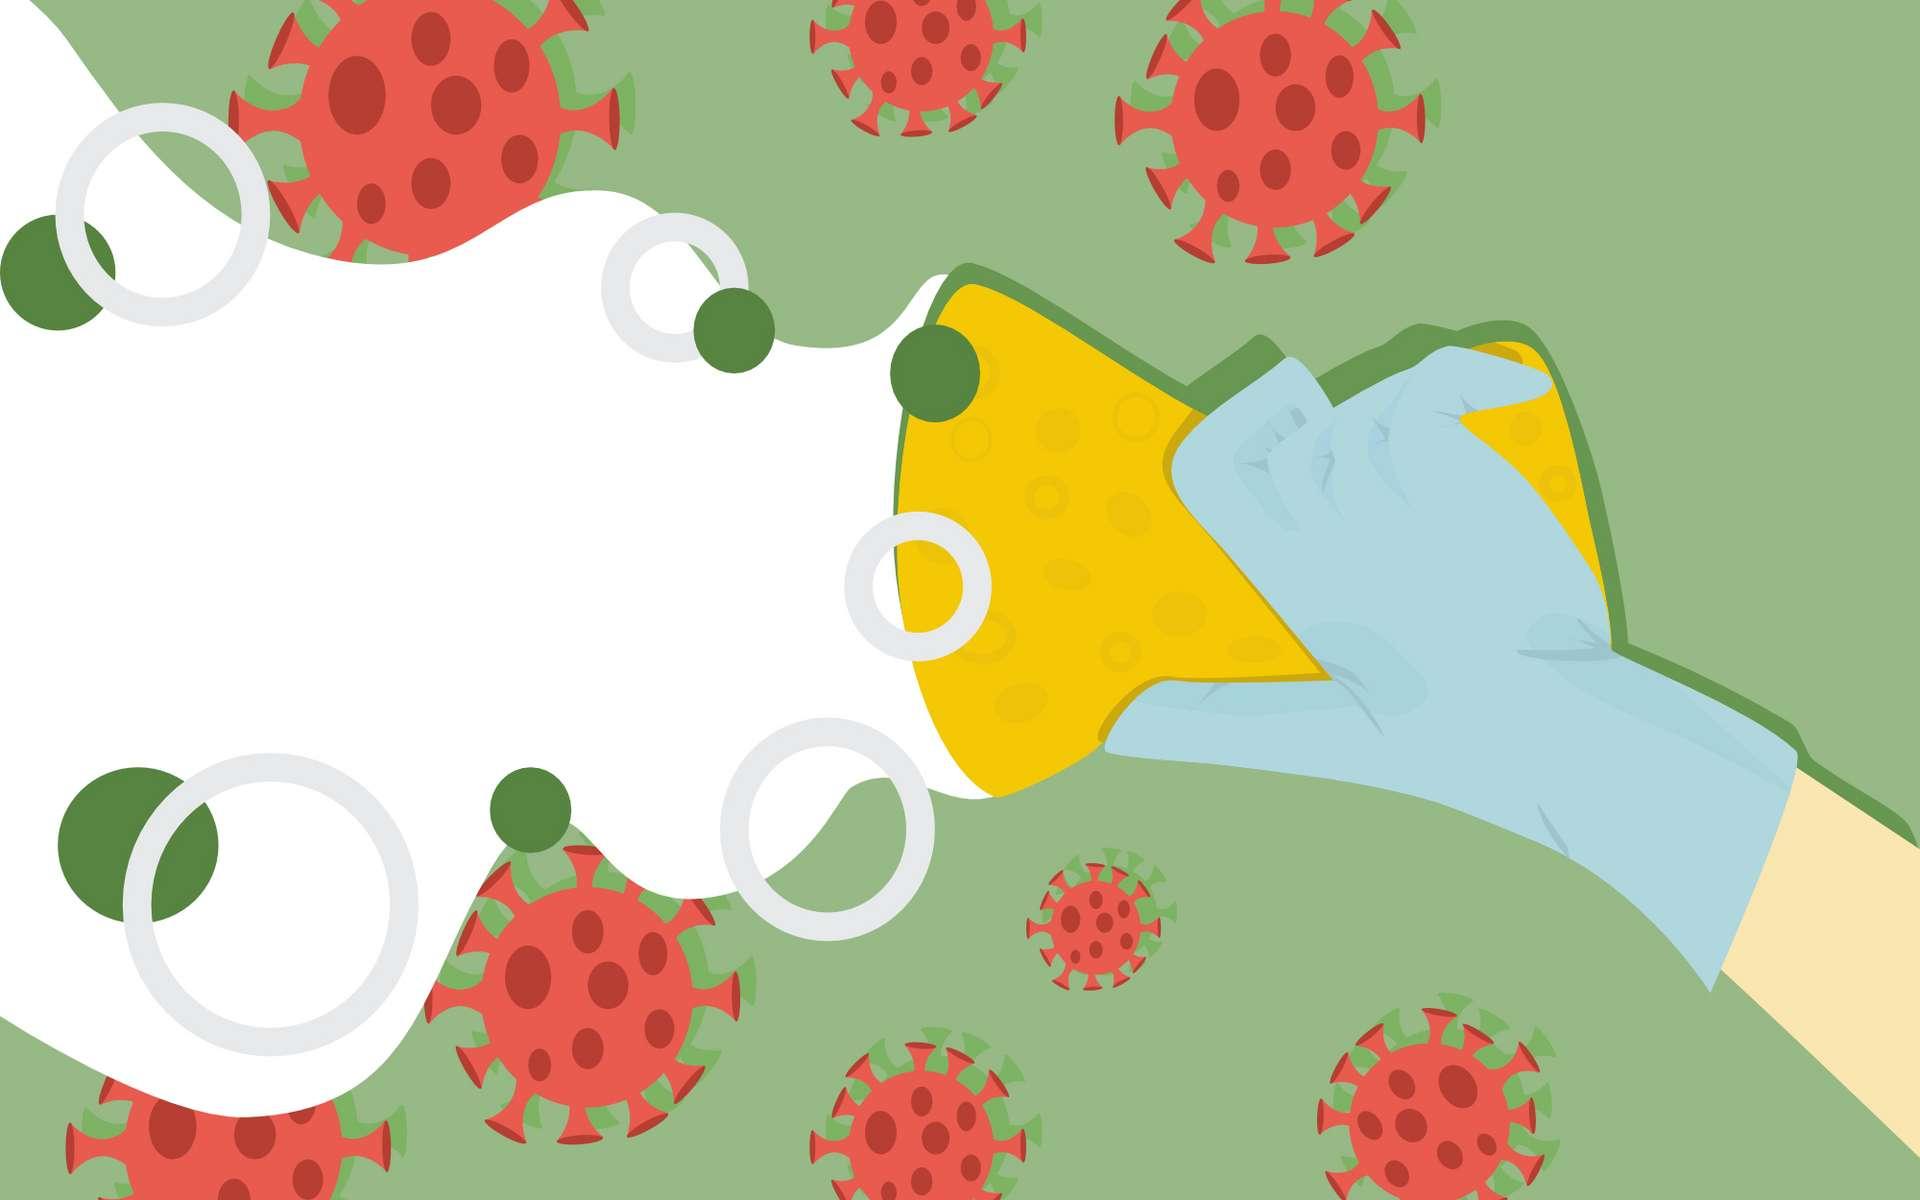 Les nanoéponges pour leurrer les virus. © Asia, Adobe Stock